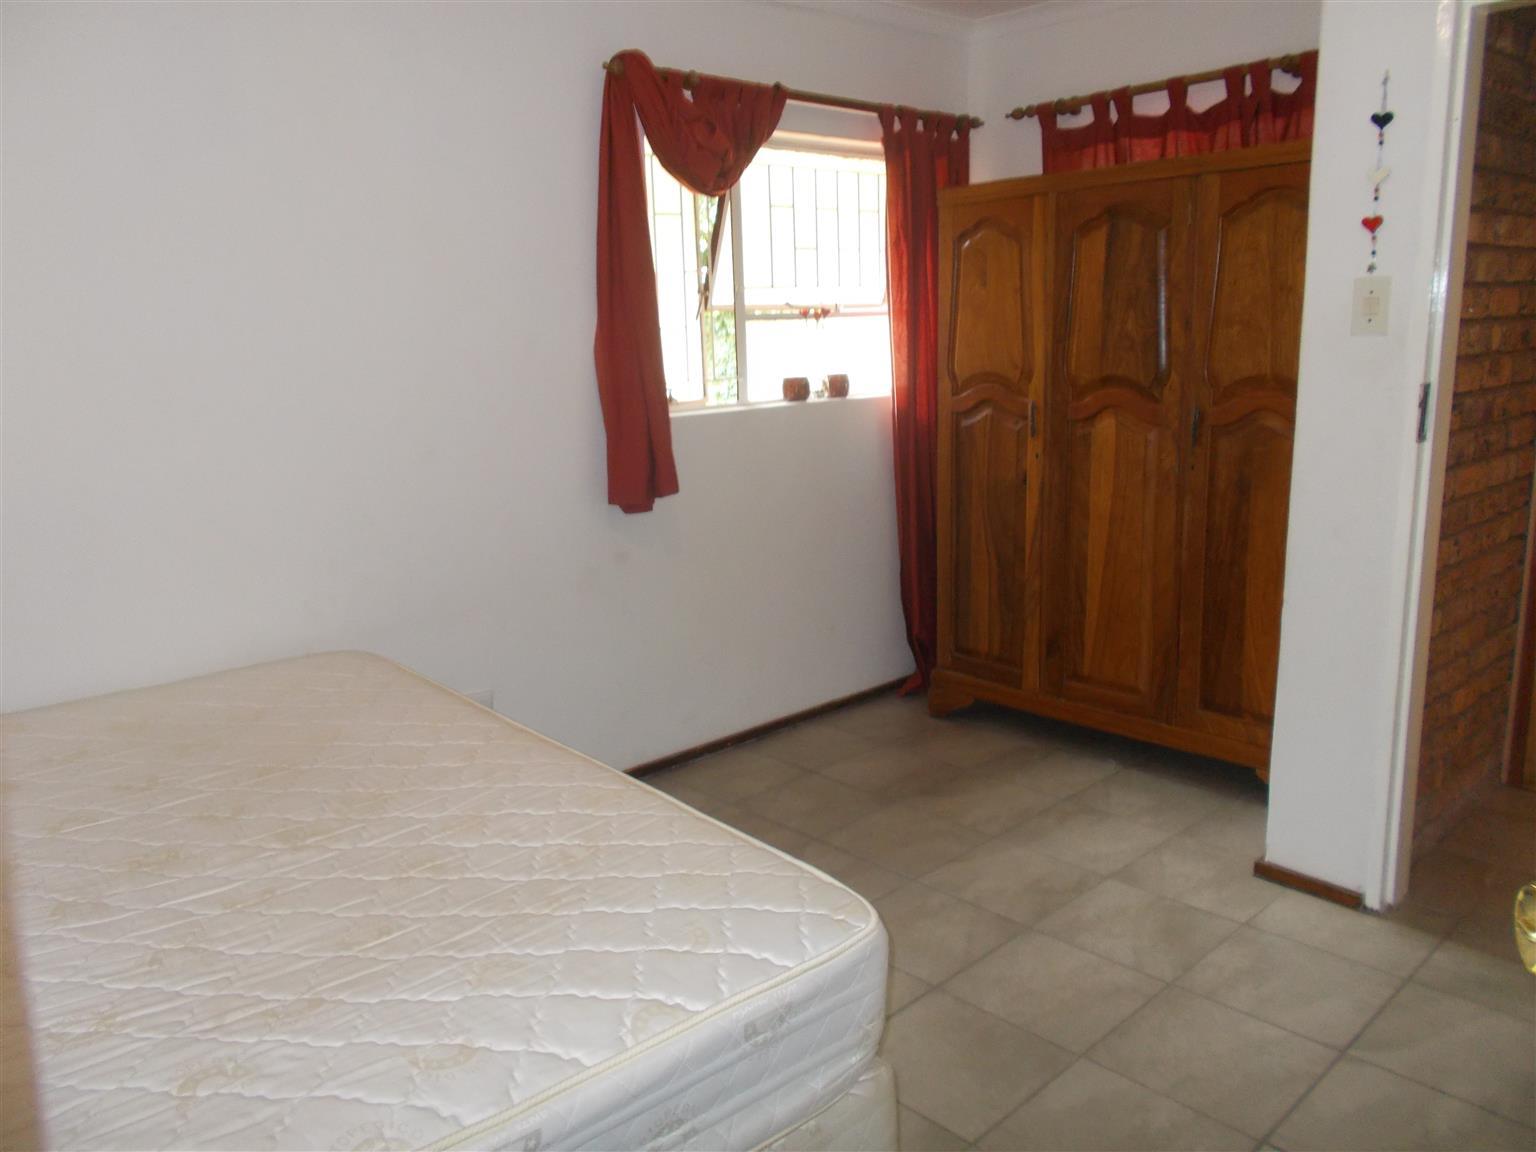 Neat bachelor flat in Garsfontein